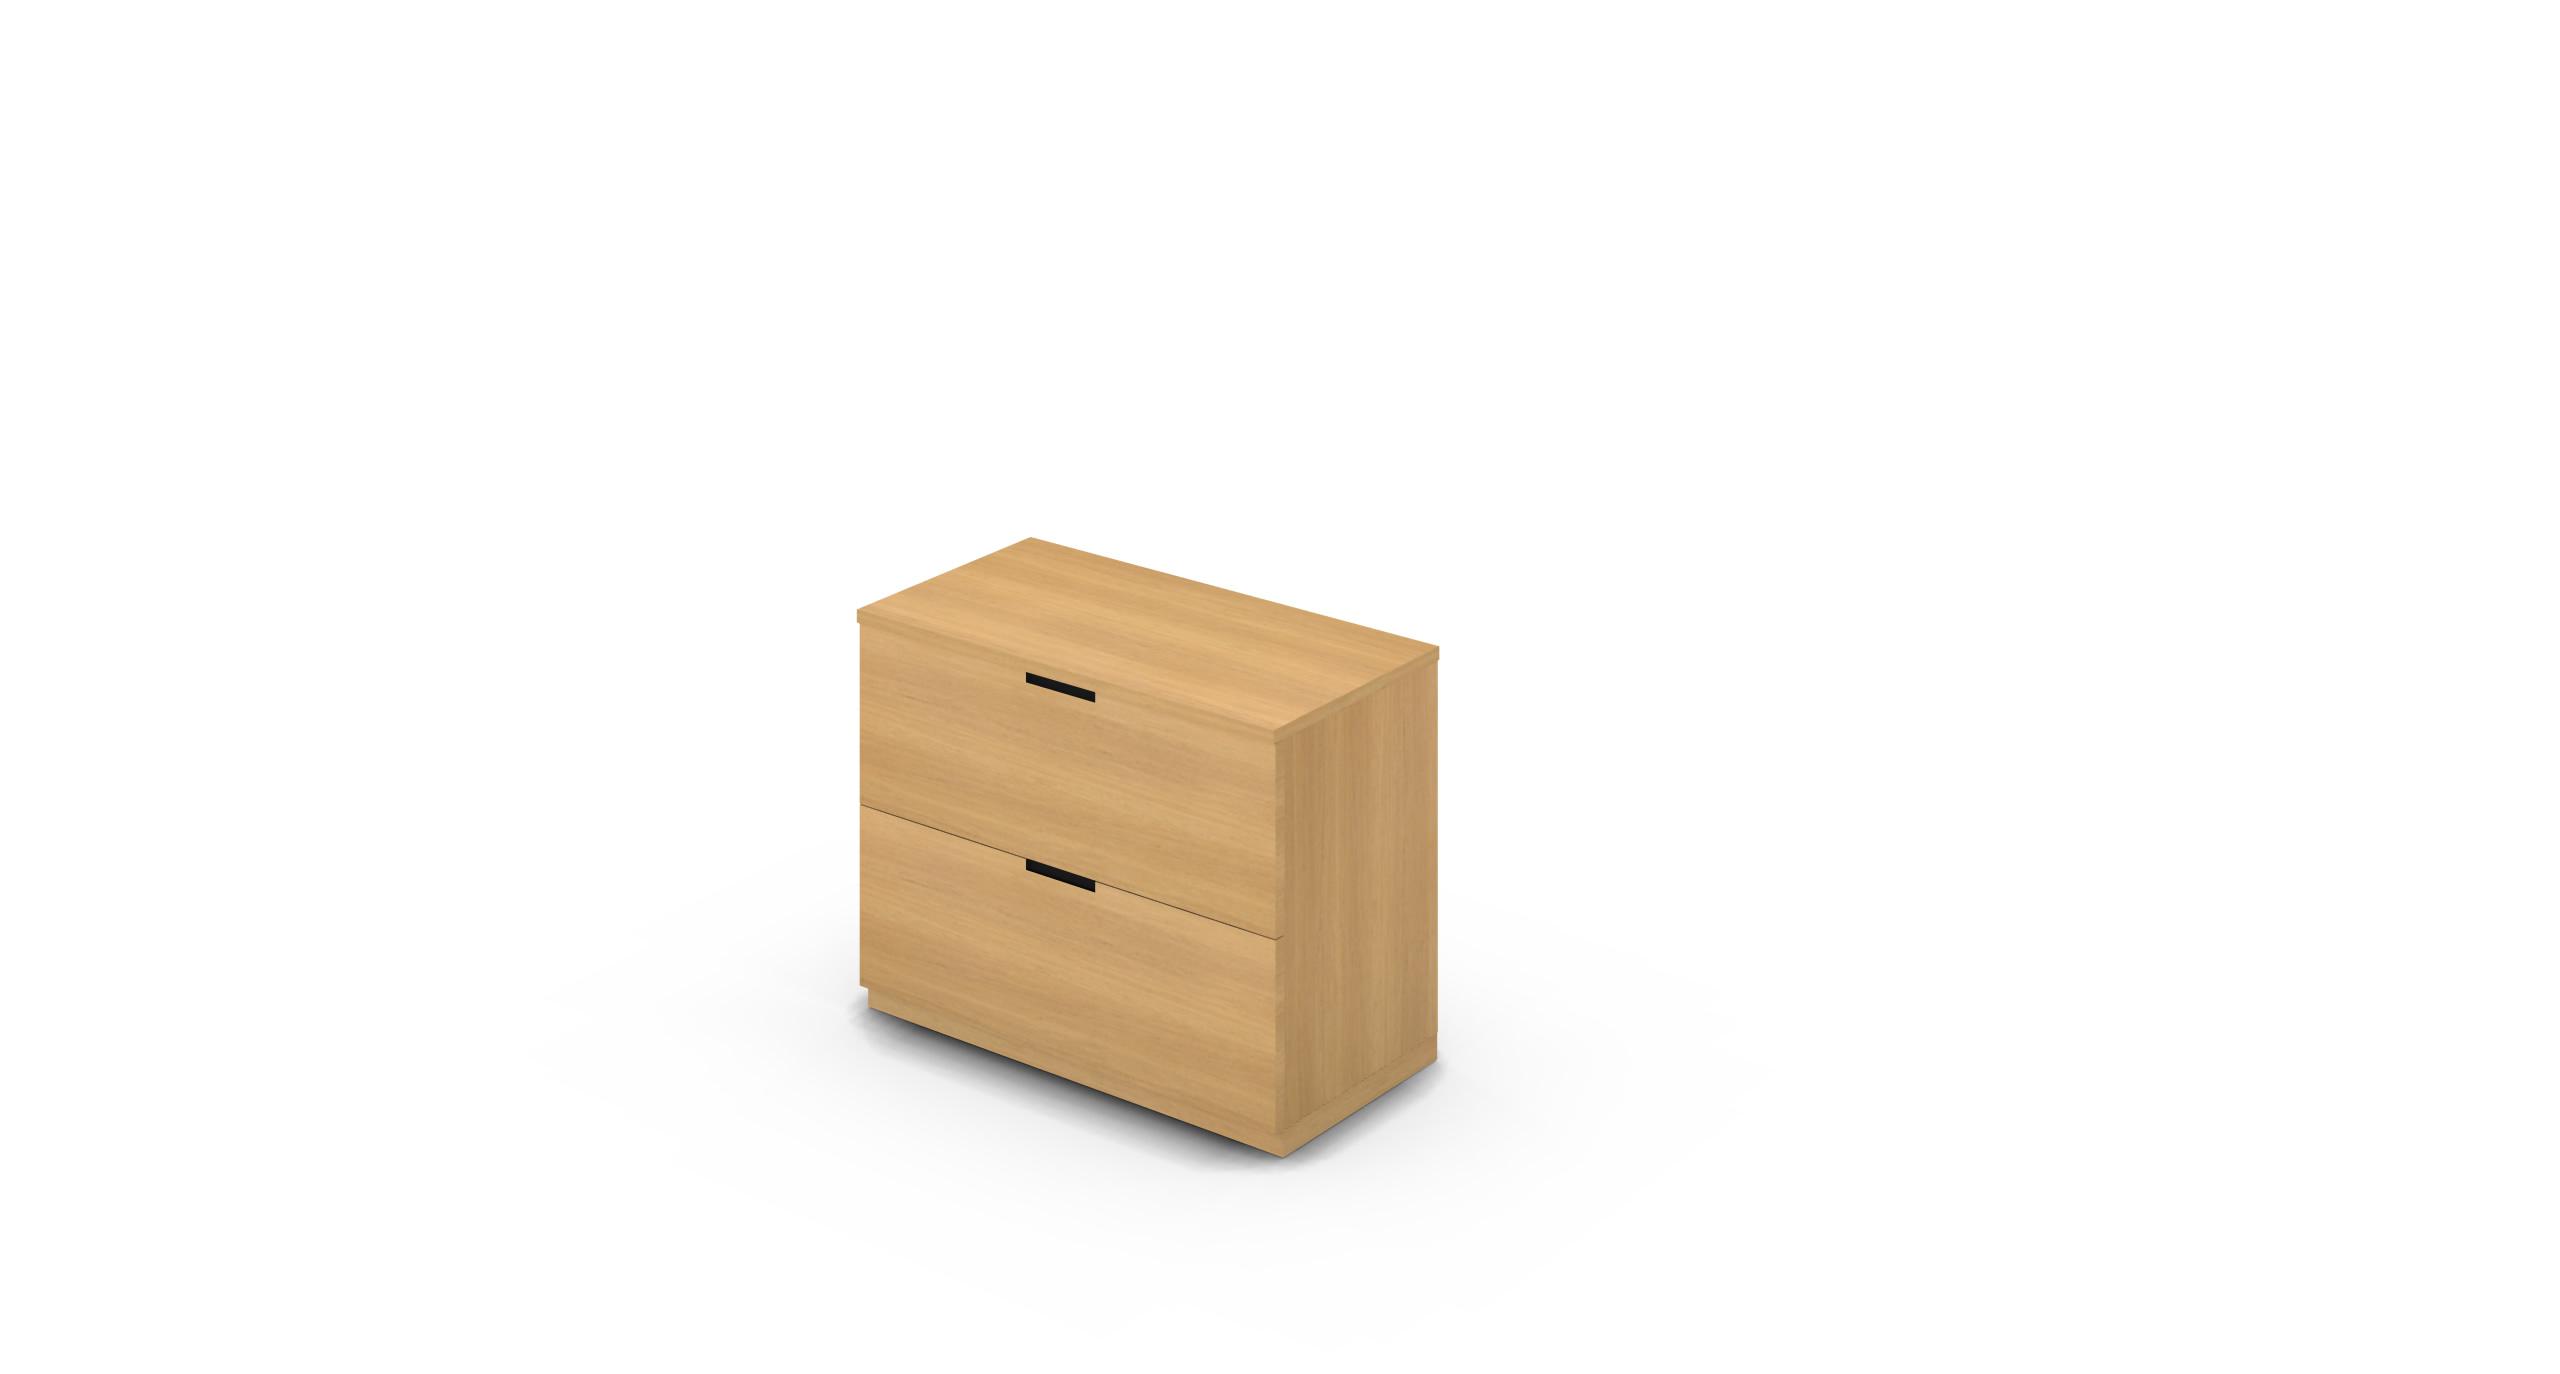 Cabinet_900x450x775_DR_Oak_CutOut_NoCylinder